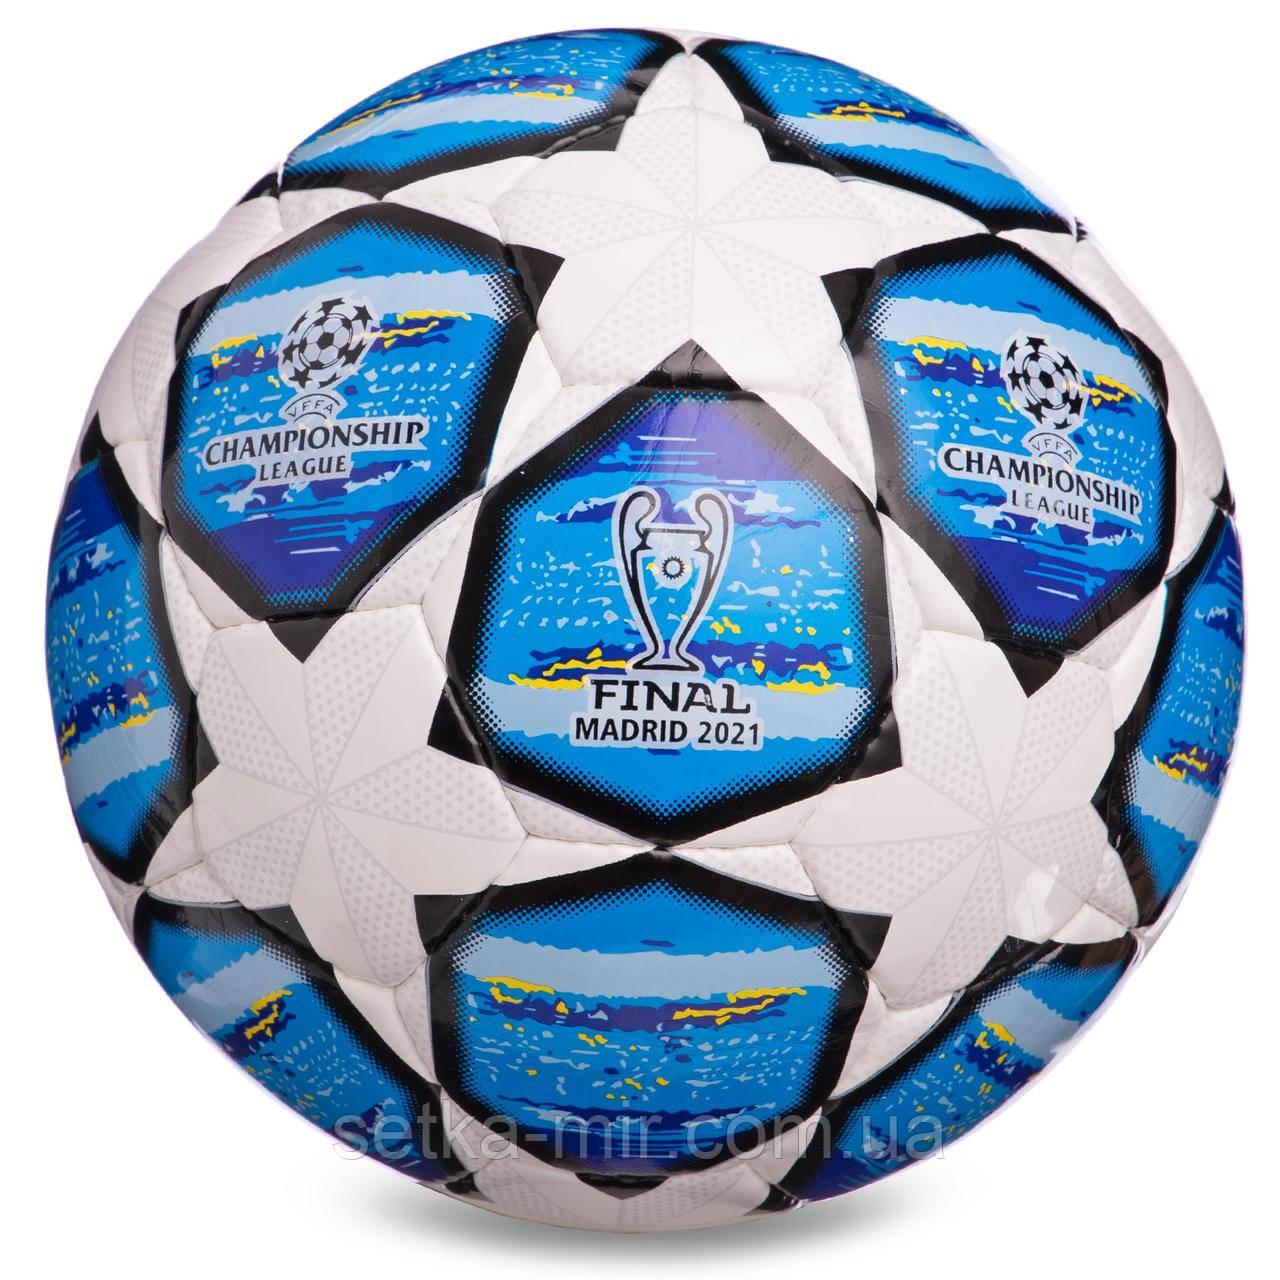 М'яч футбольний №5 PU ламін. CHAMPIONS LEAGUE FB-0149-3 (№5, 5 сл., Зшитий вручну, білий-синій)